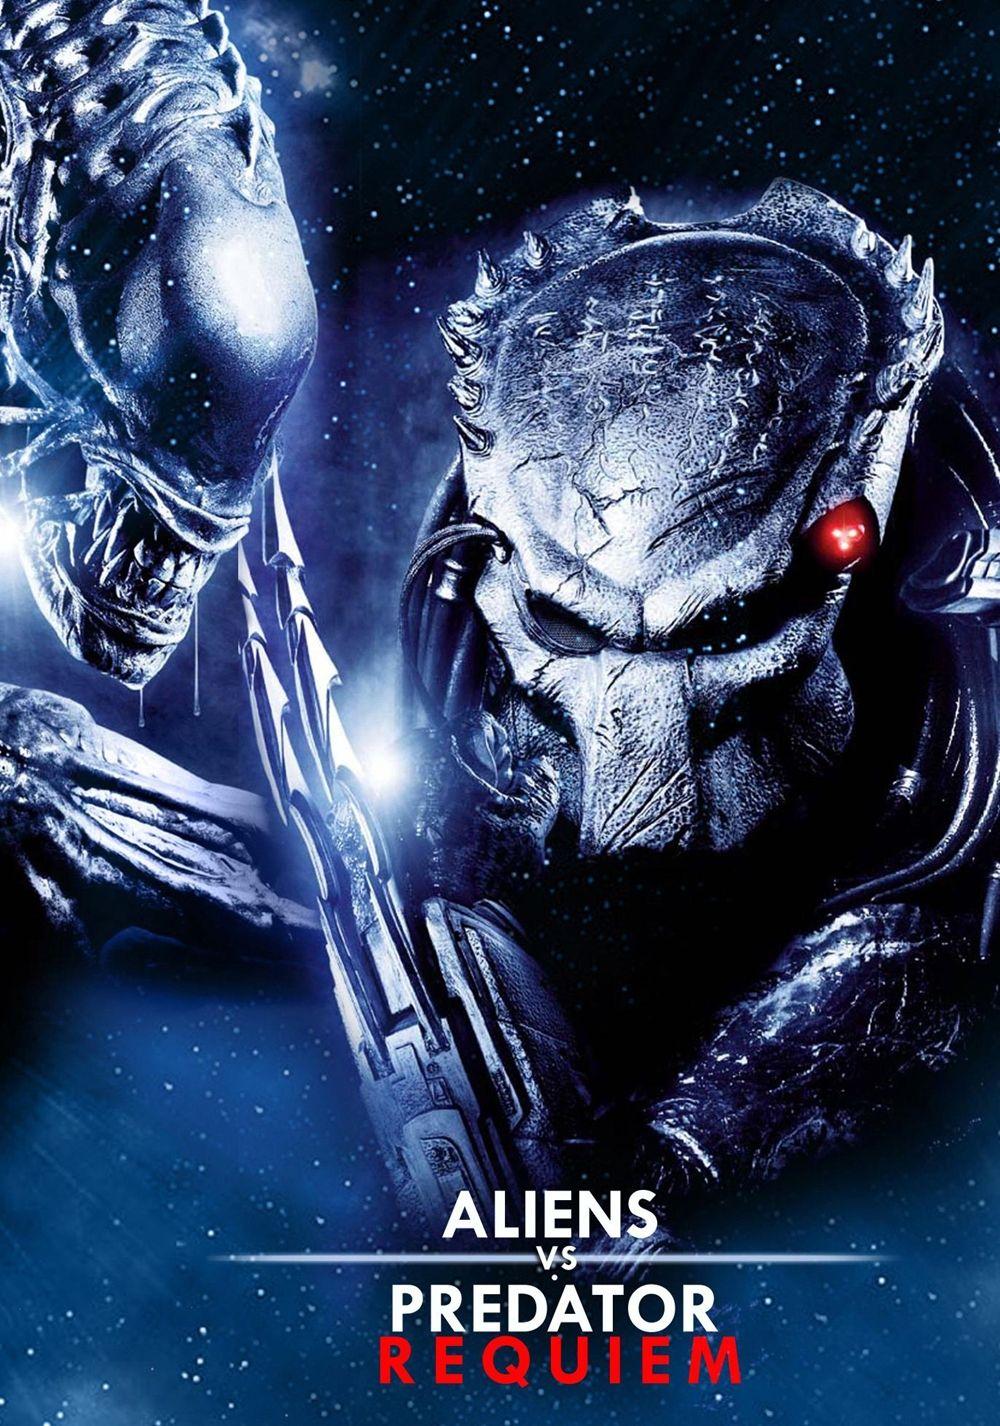 Aliens Vs Predator Requiem Aliens Vs Predator 2 2007 Alien Vs Predator Aliens Versus Predator Alien Vs